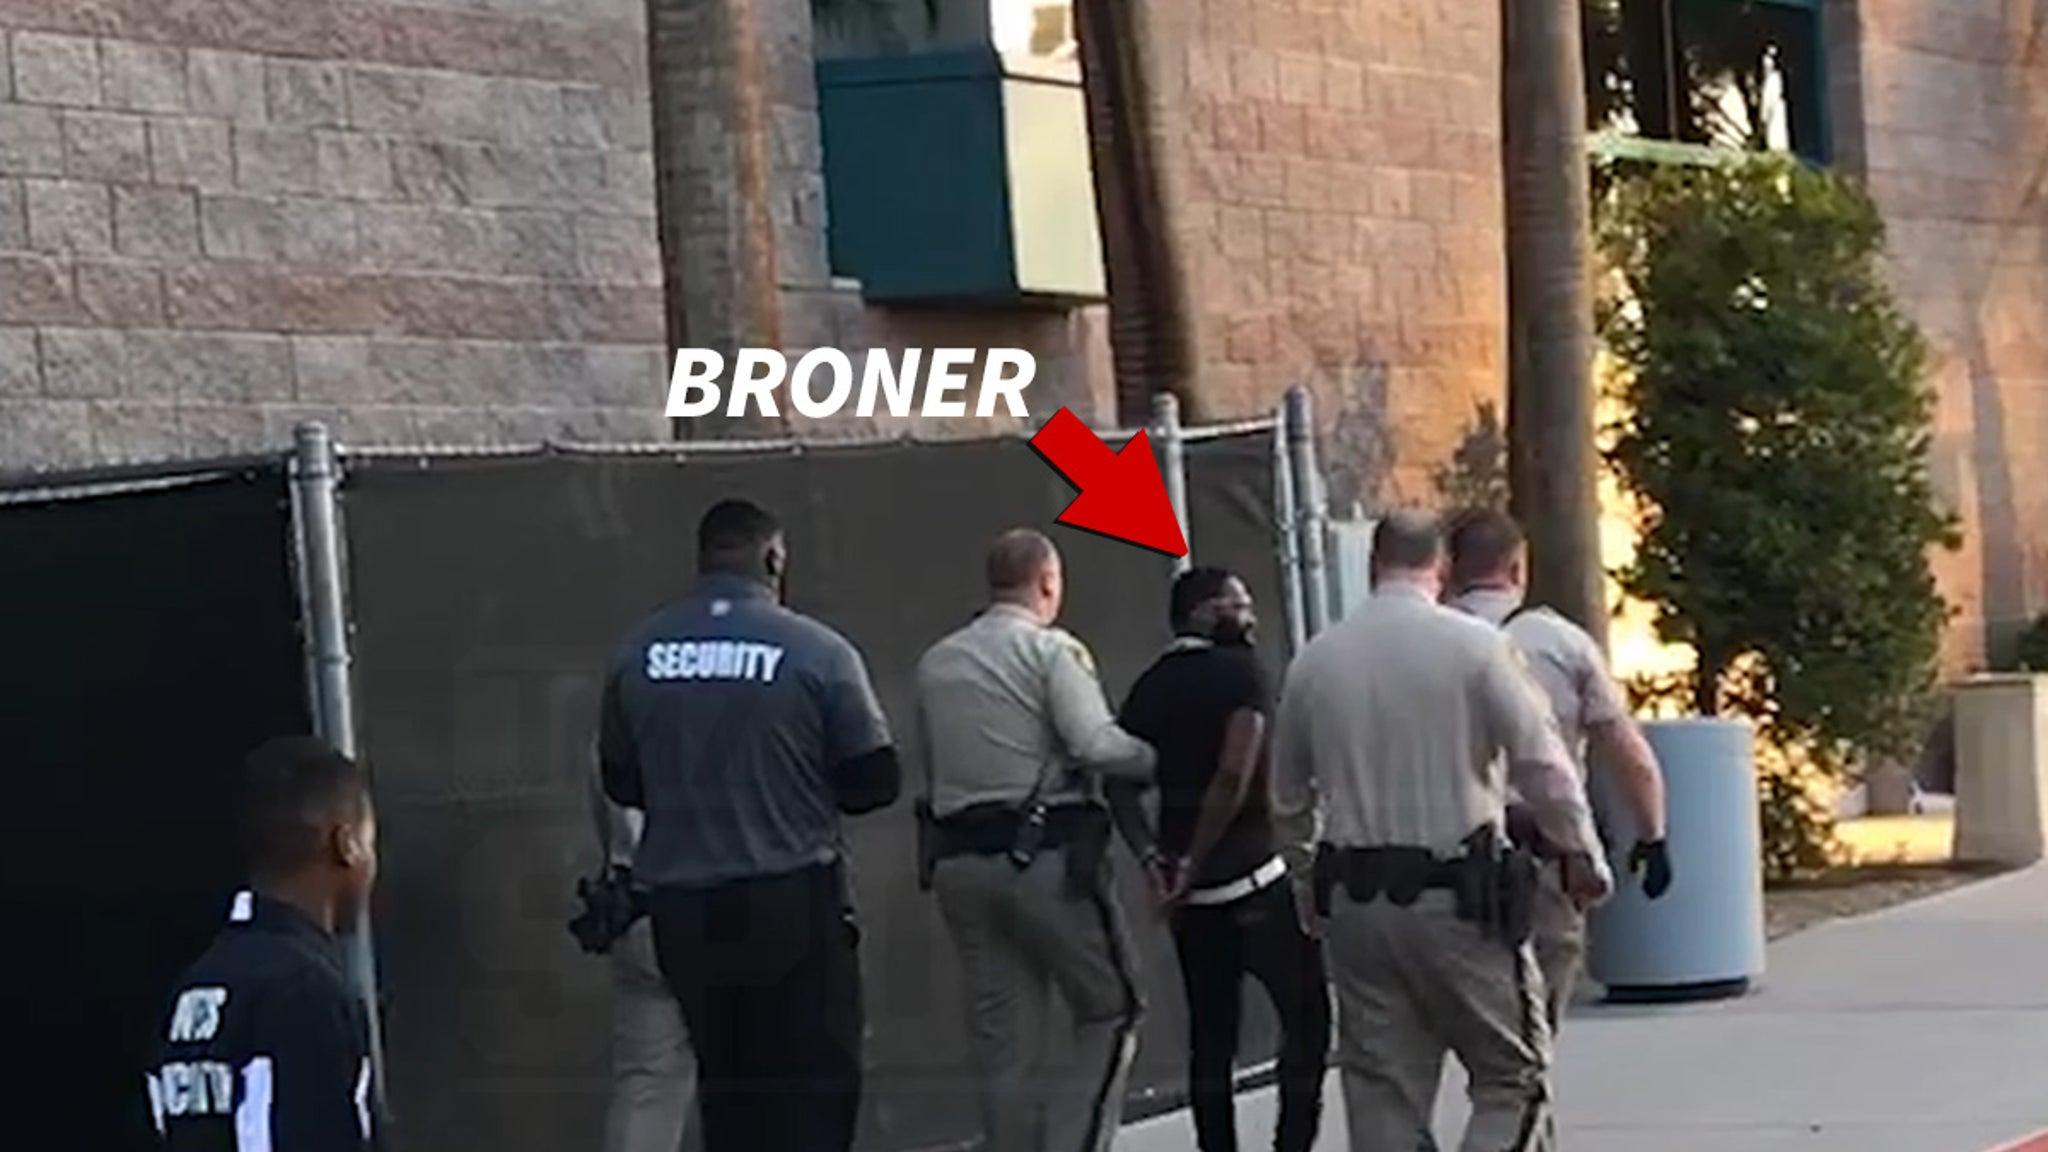 Adrien Broner Arrested At Wilder-Fury Weigh-In